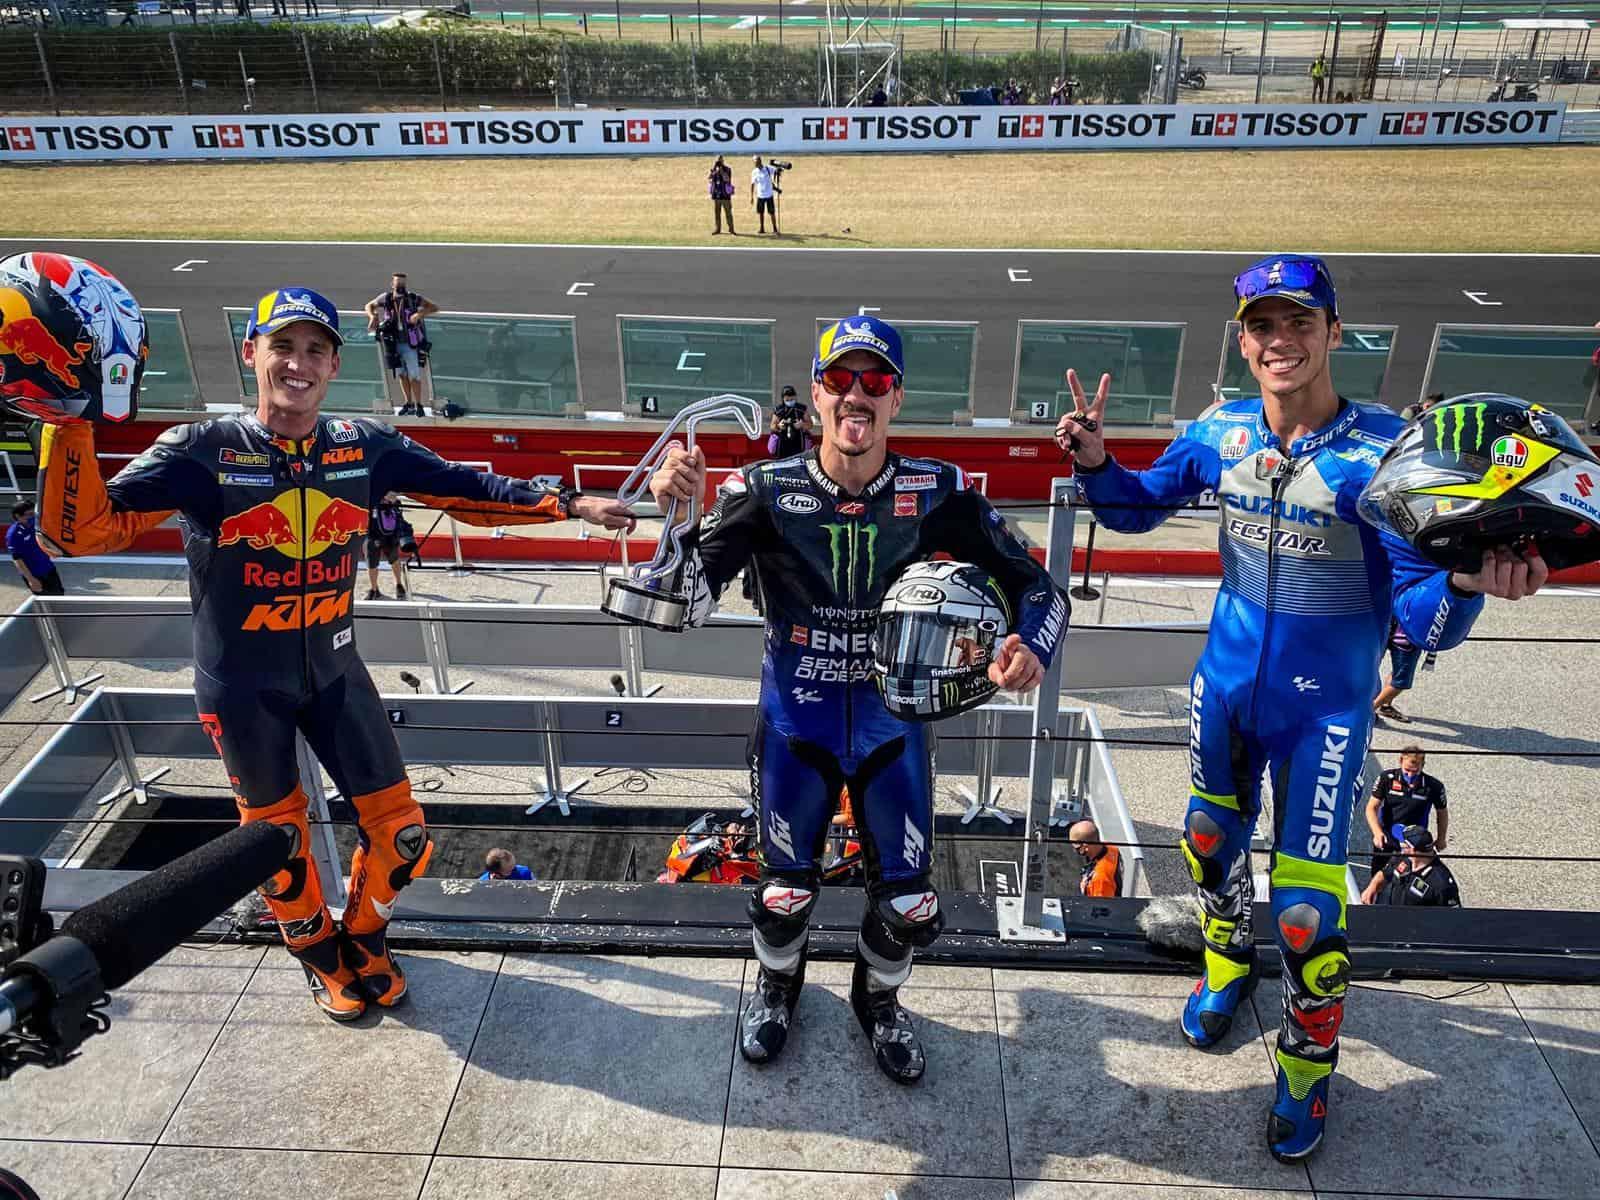 podio-motogp-misano-vince-vinales